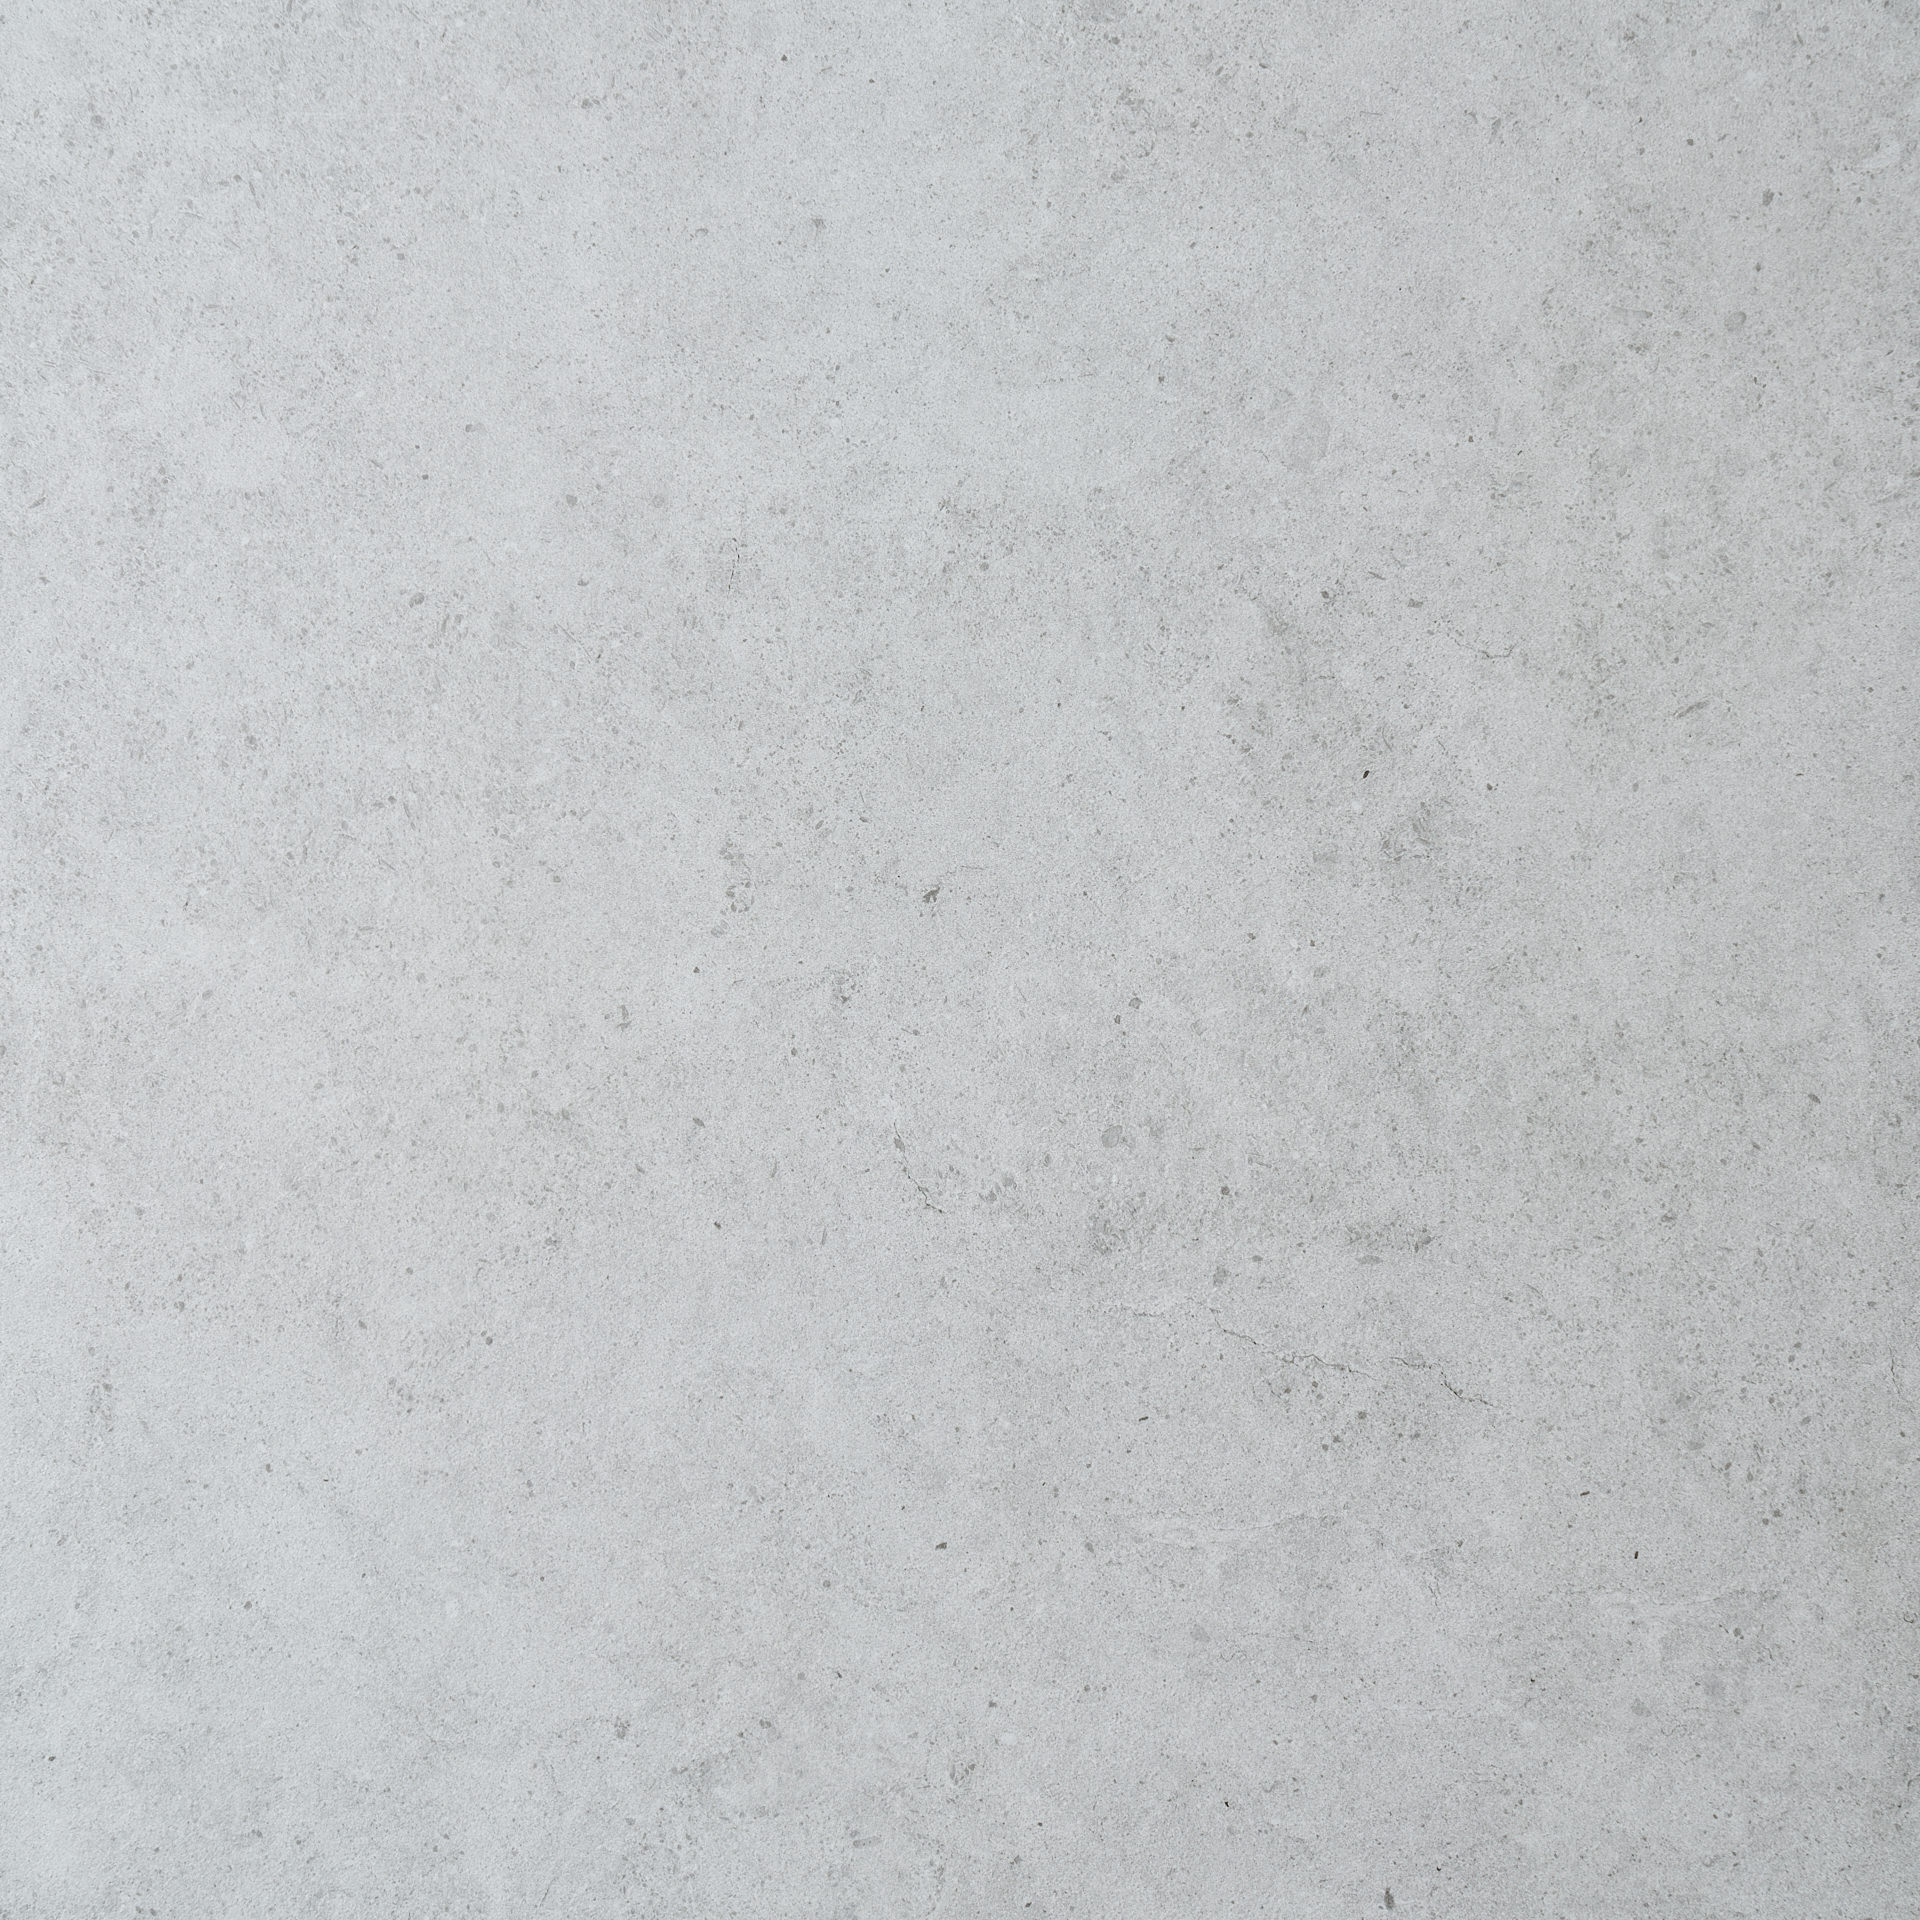 Indig_21Jan21-033_Stone_White